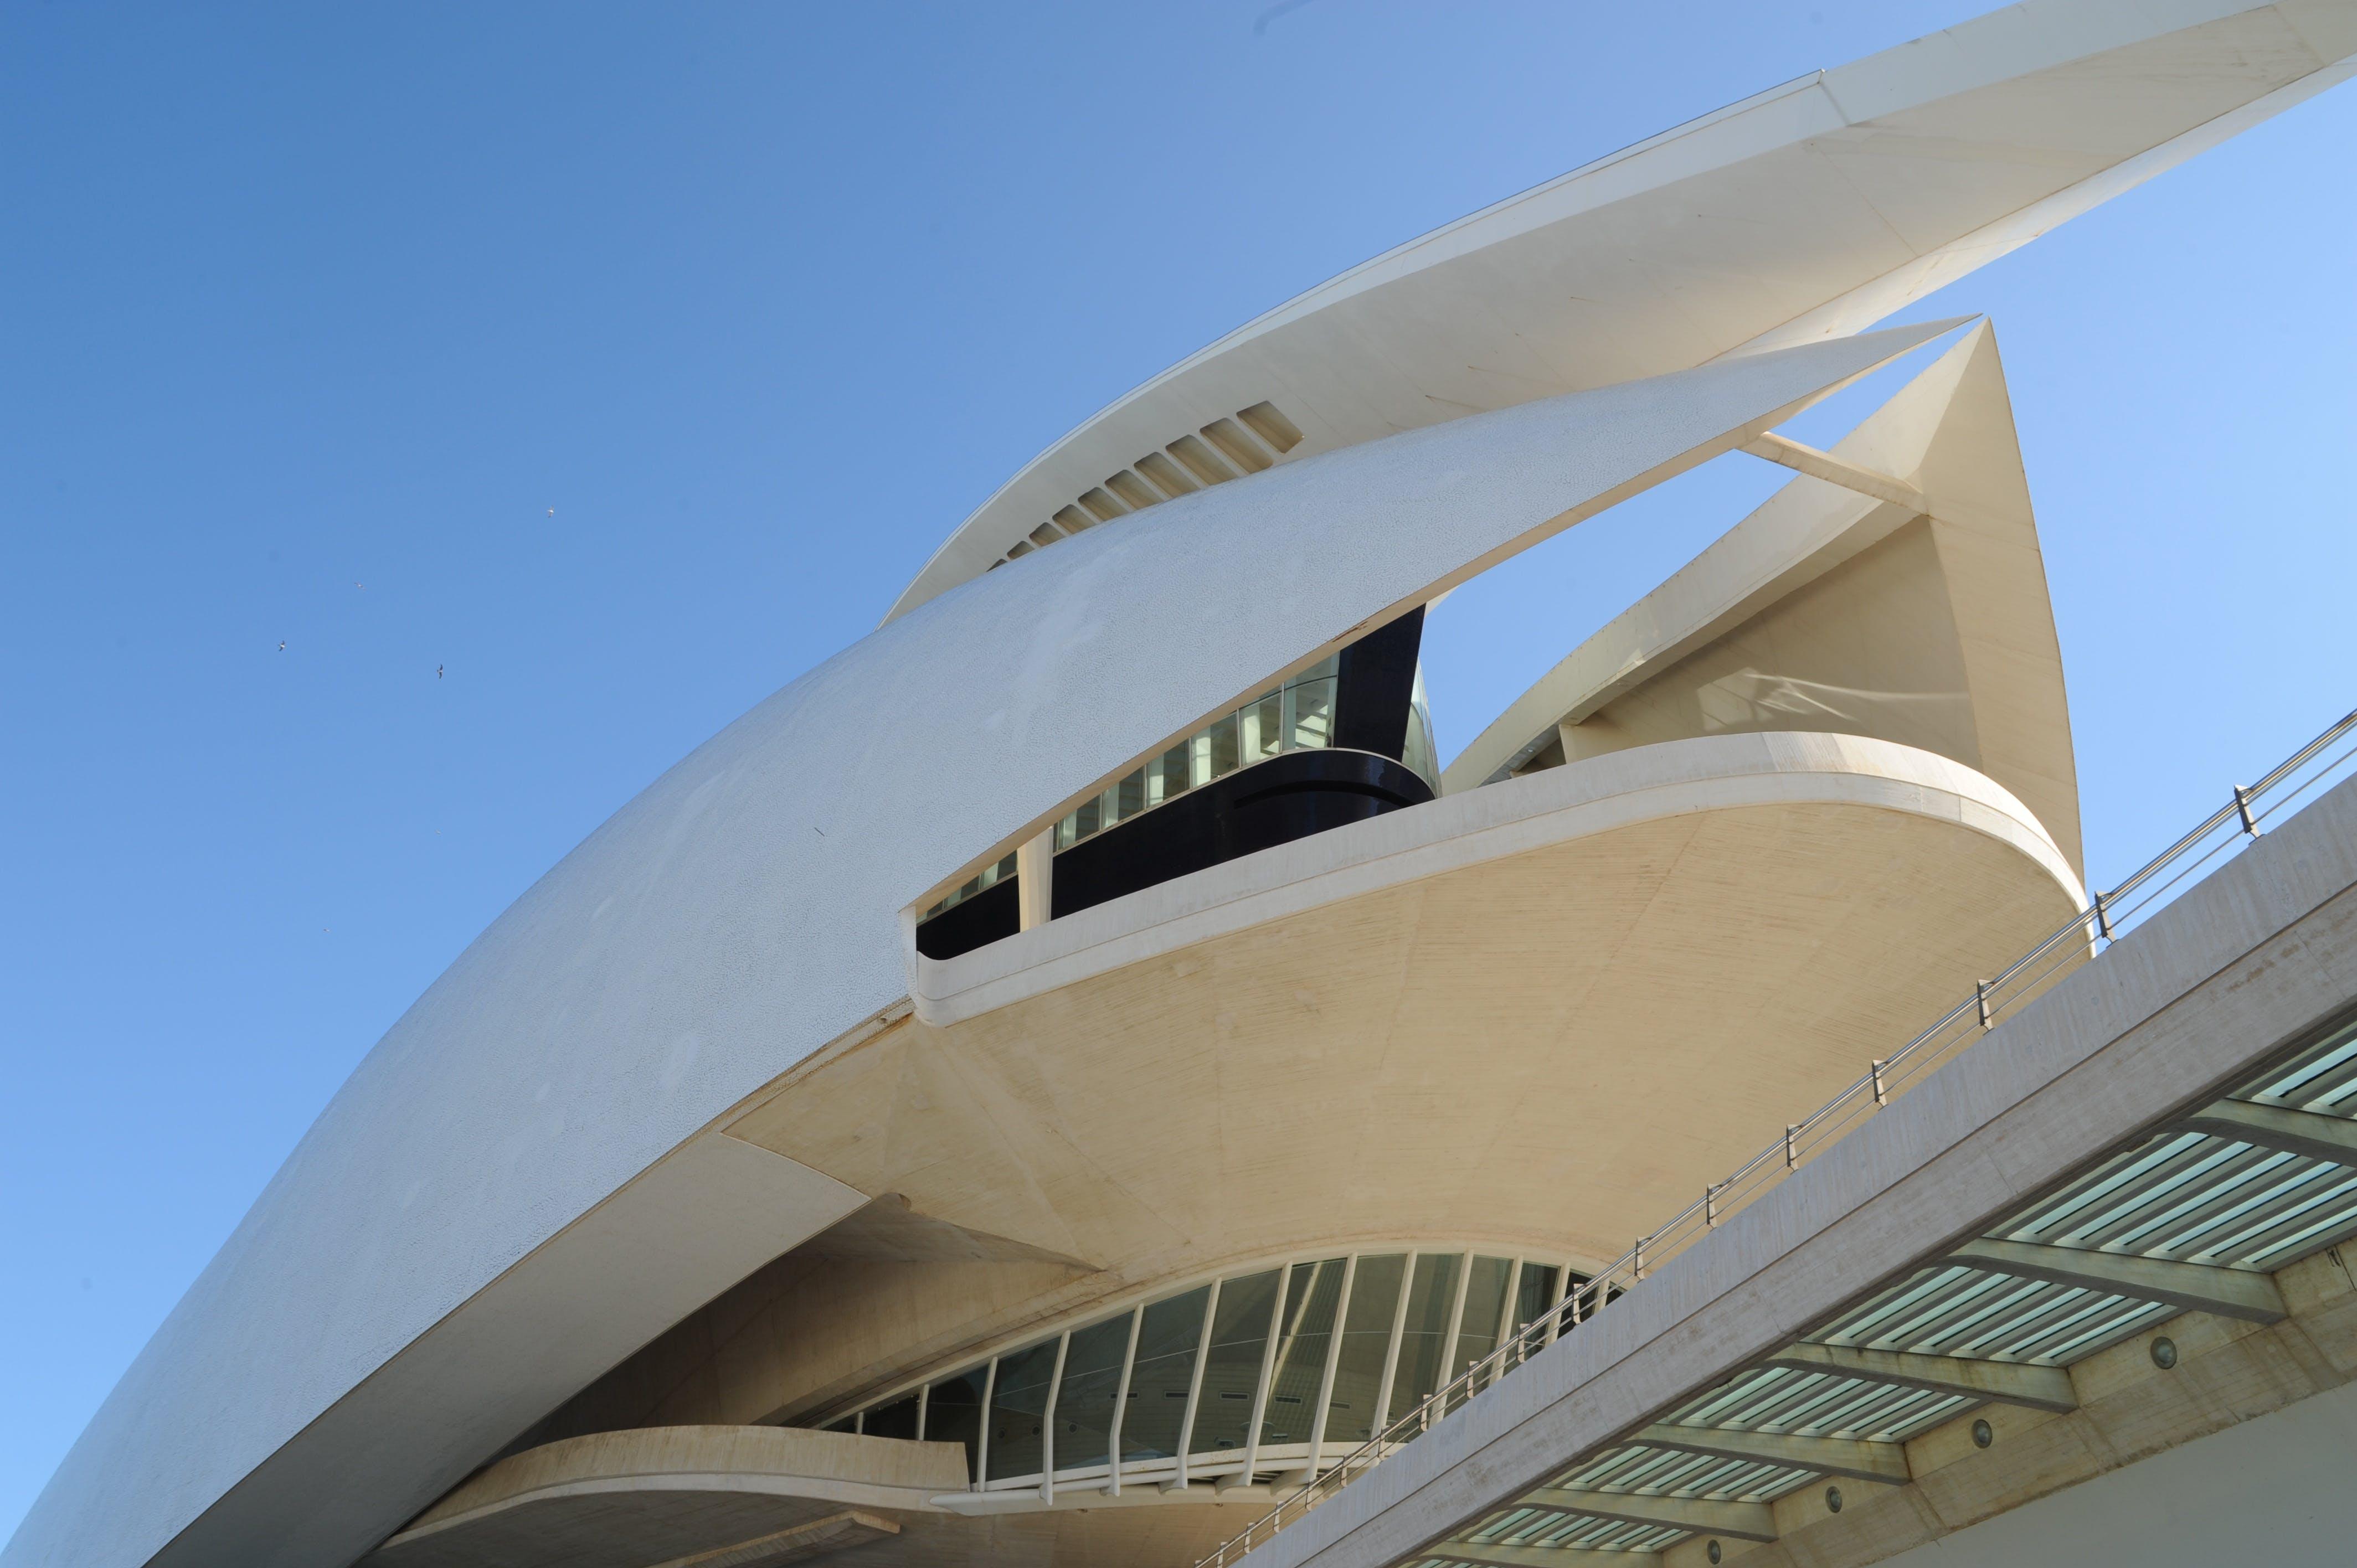 architecture, art, beautiful